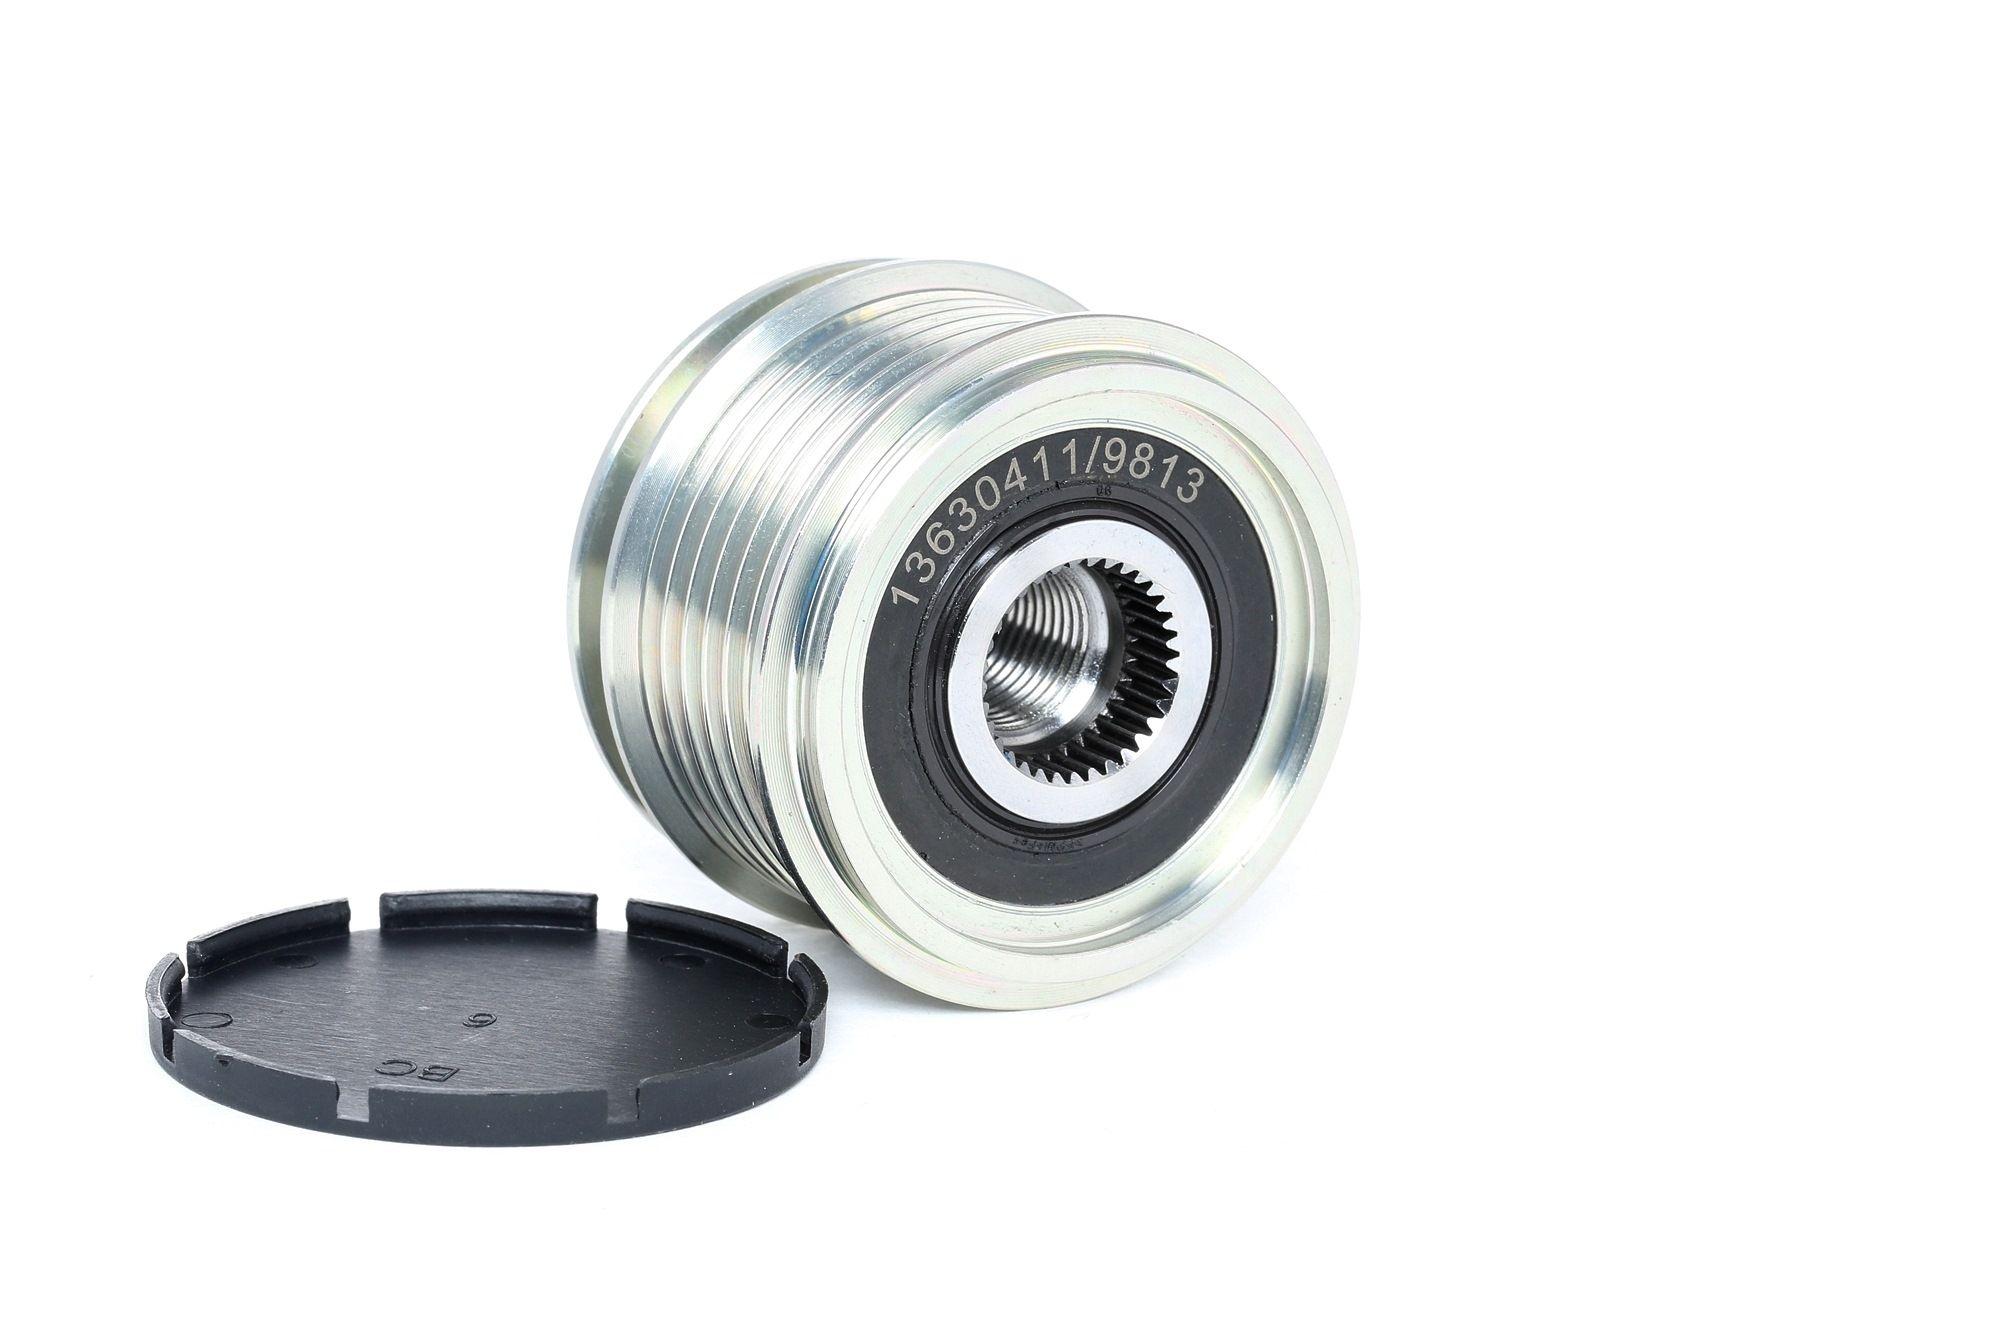 Lichtmaschine Einzelteile 1390F0003 rund um die Uhr online kaufen